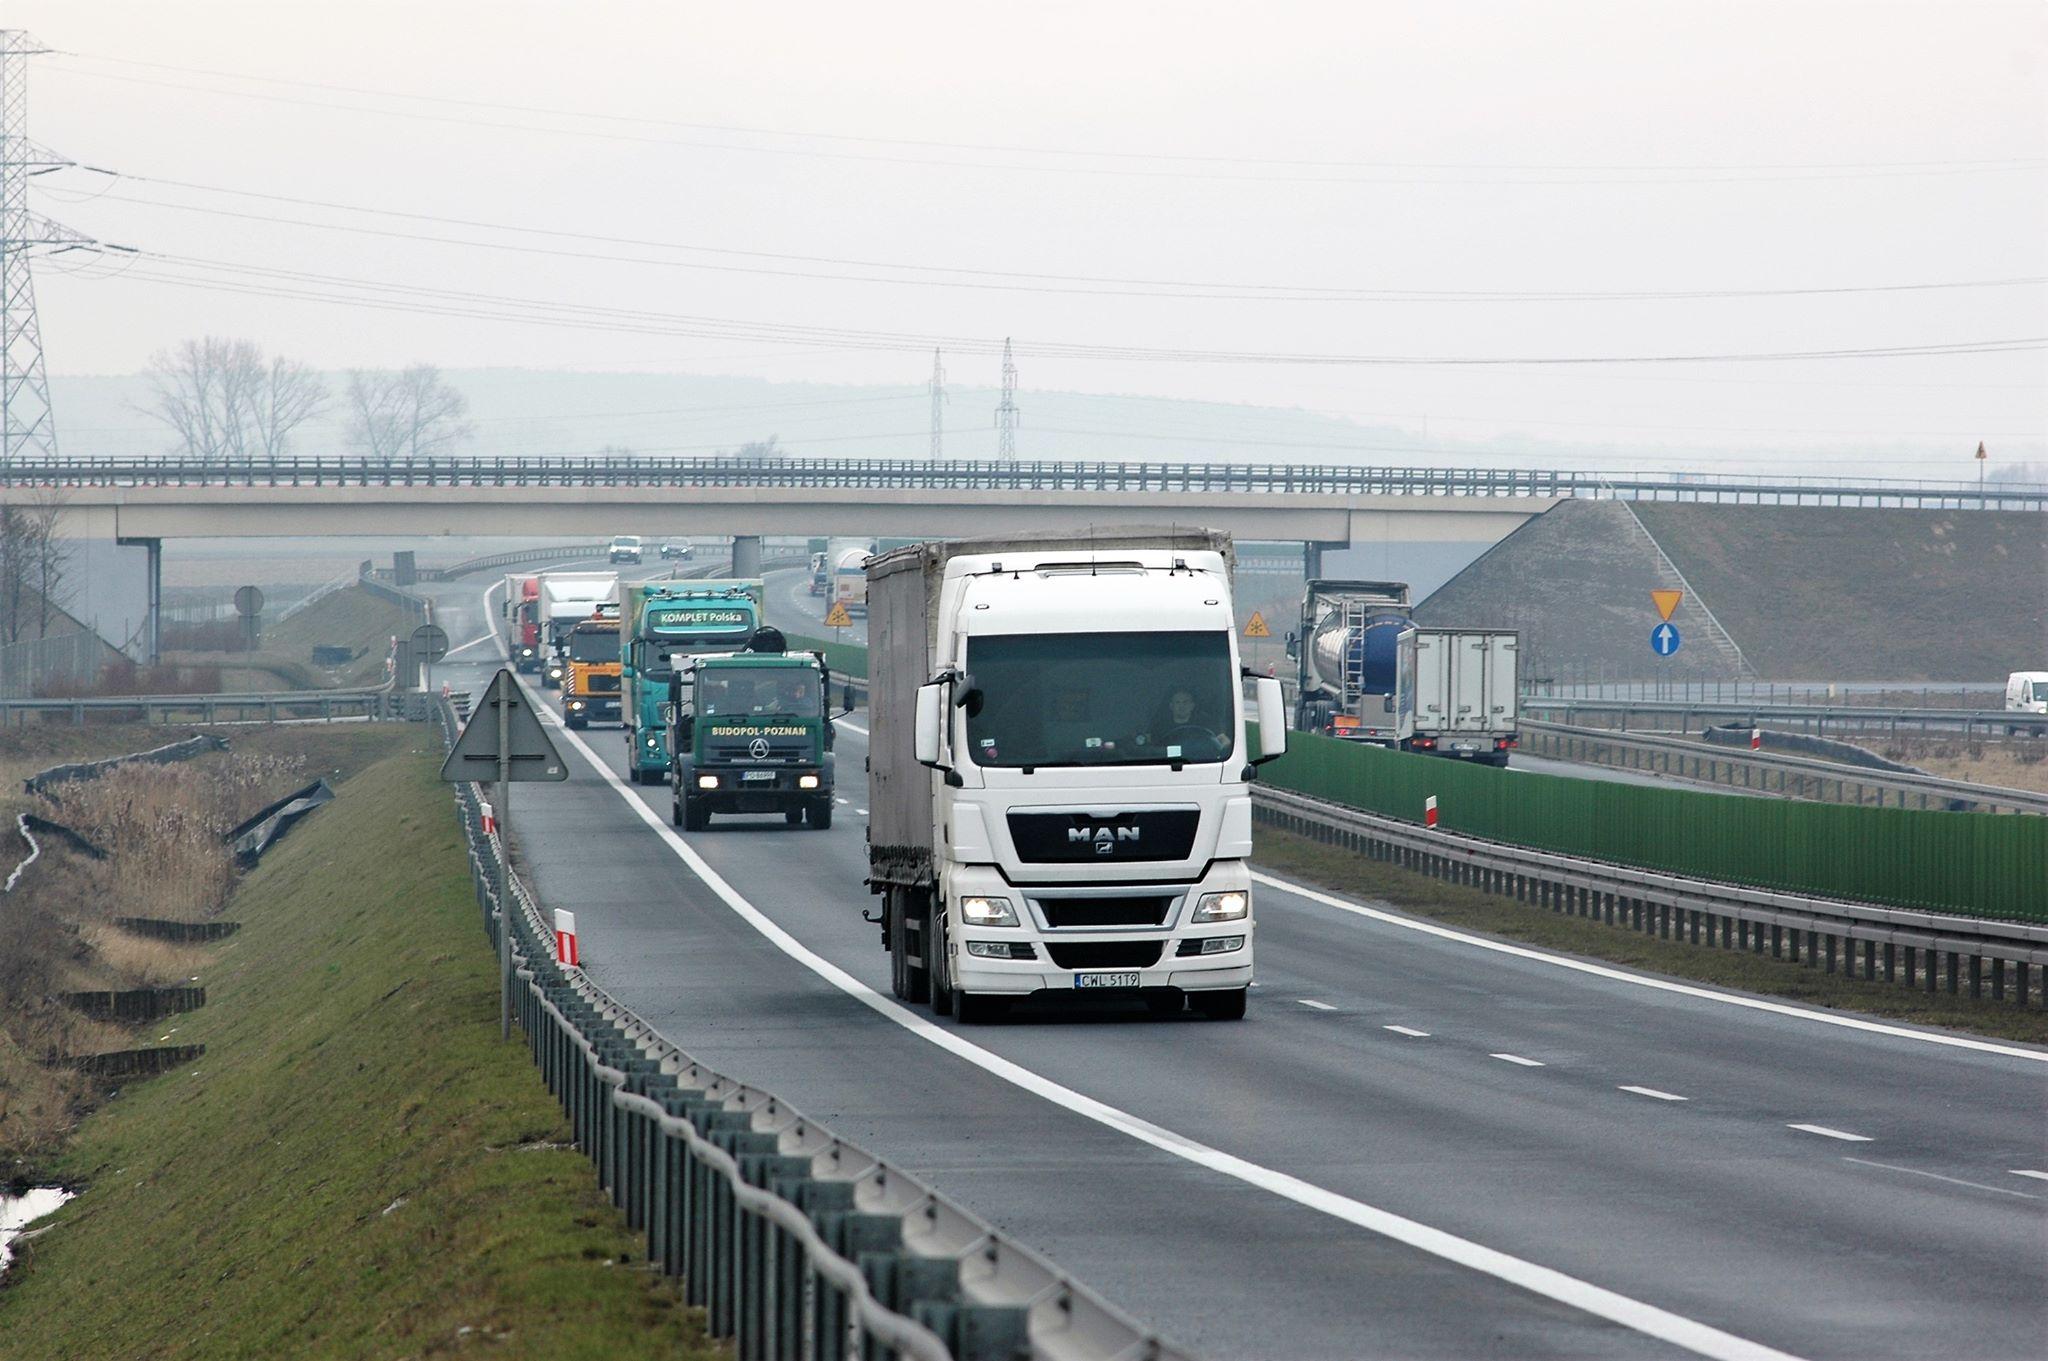 Wkrótce Rosja zezwoli na tranzyt zakazanych towarów do państw trzecich